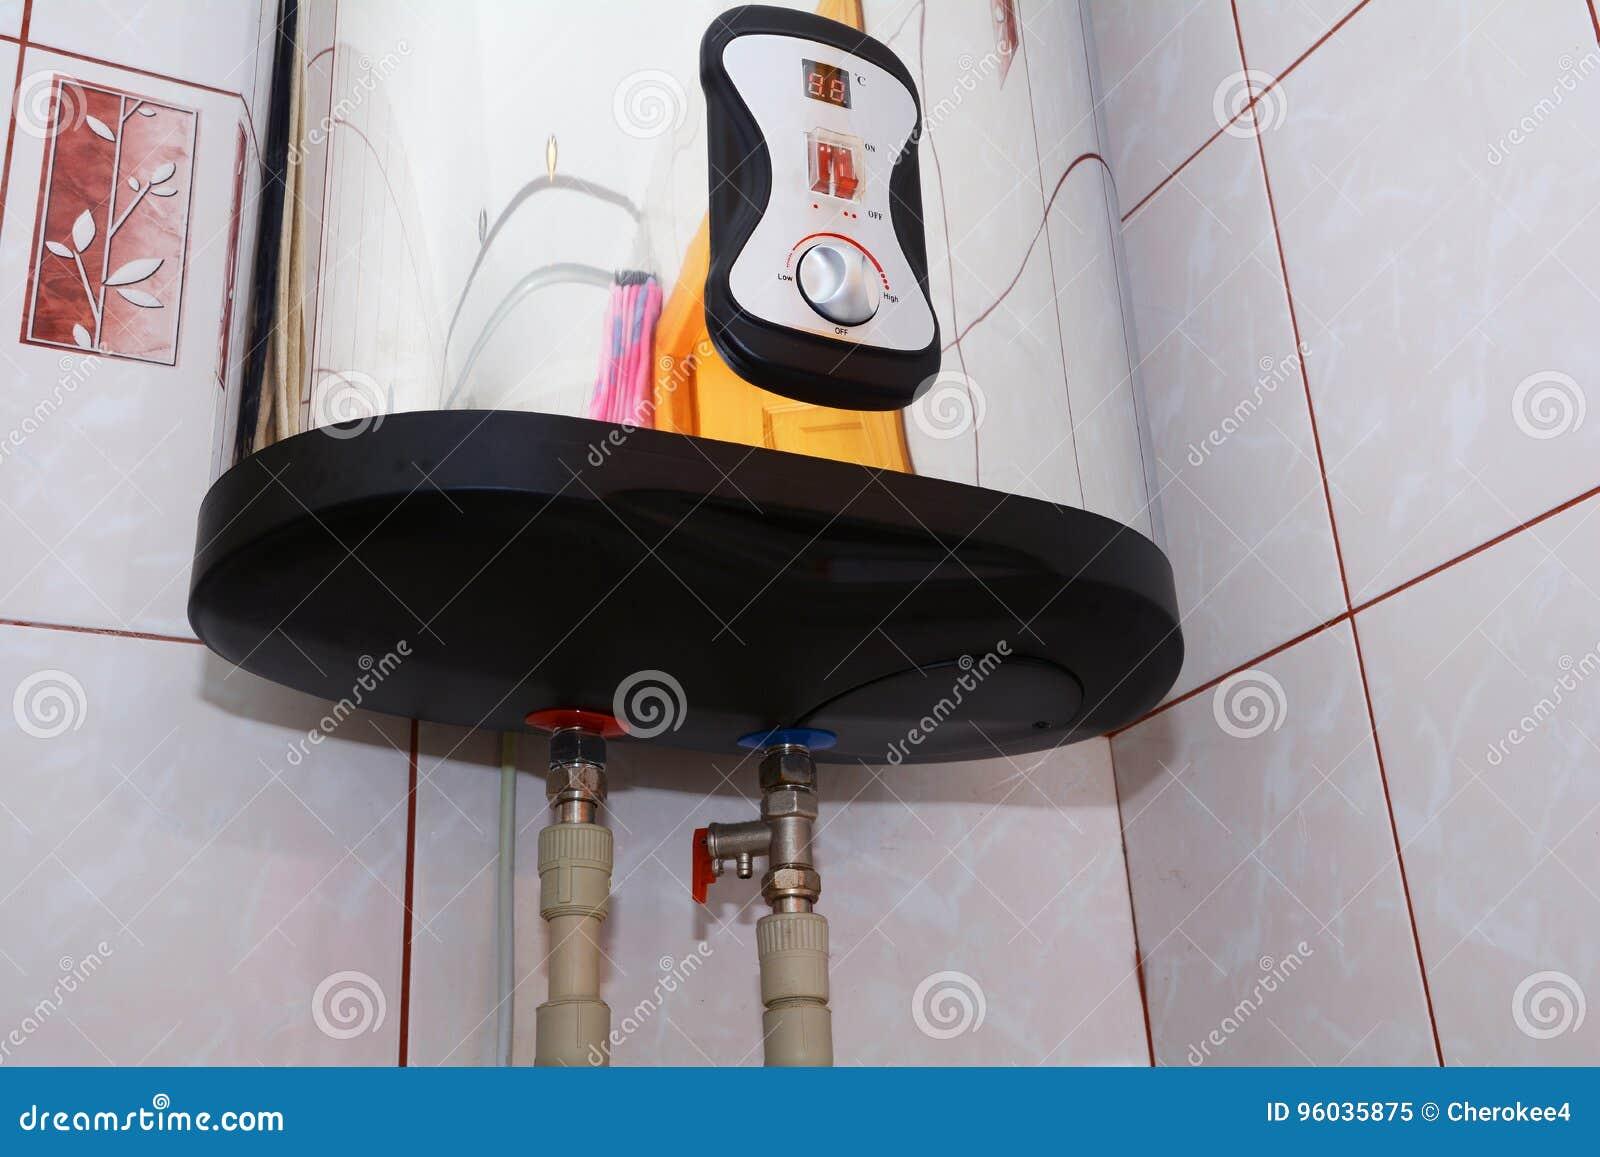 Związek domowy wodny nagrzewacz Indywidualny ogrzewanie Indywidualna gorącej wody dostawa Domowi elektryczni kotłowi instalacja w